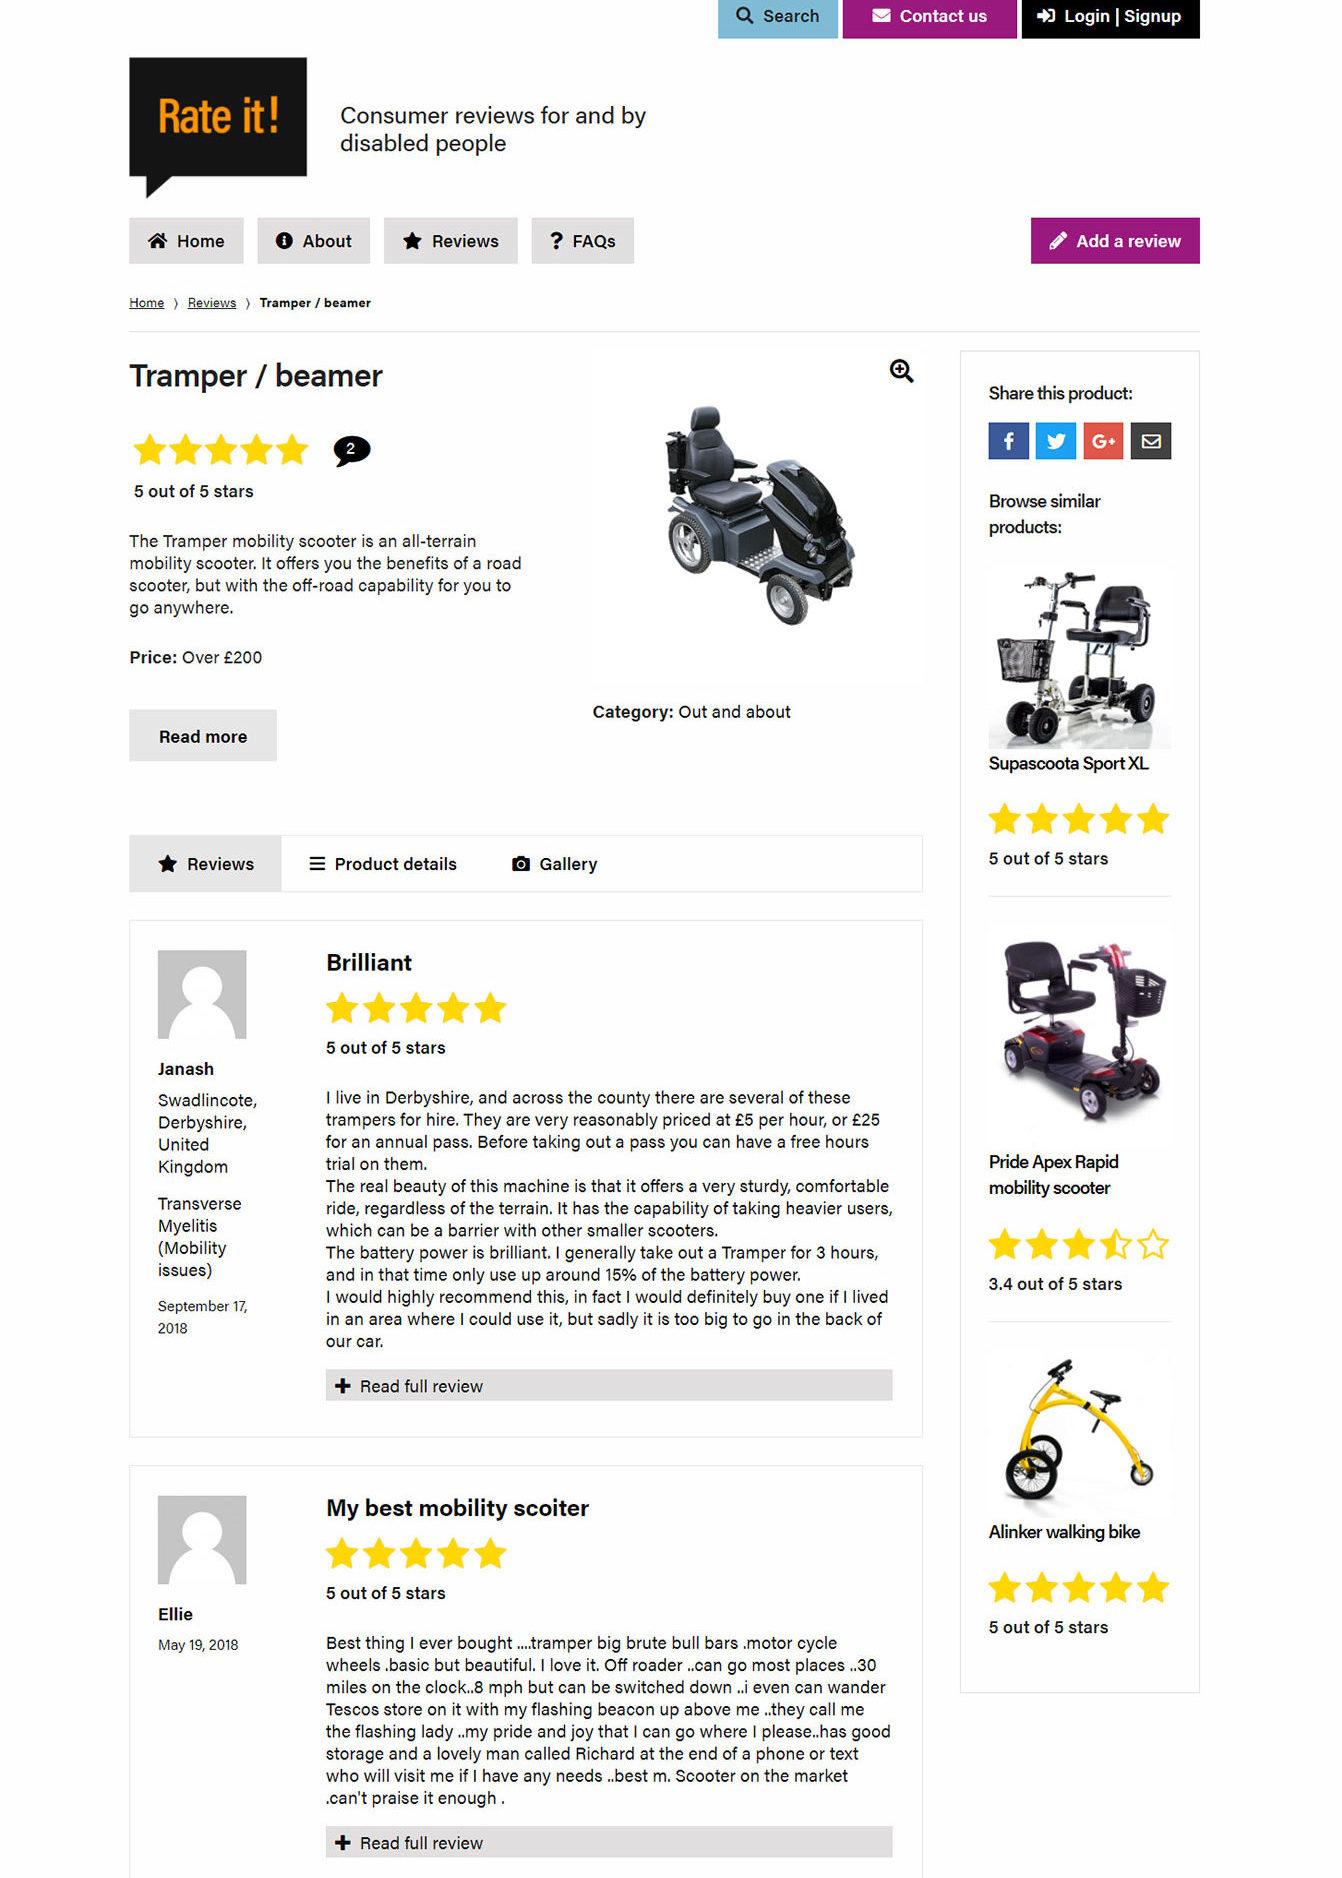 Screenshot of Rate It website - Reviewed item: Tramper/beamer